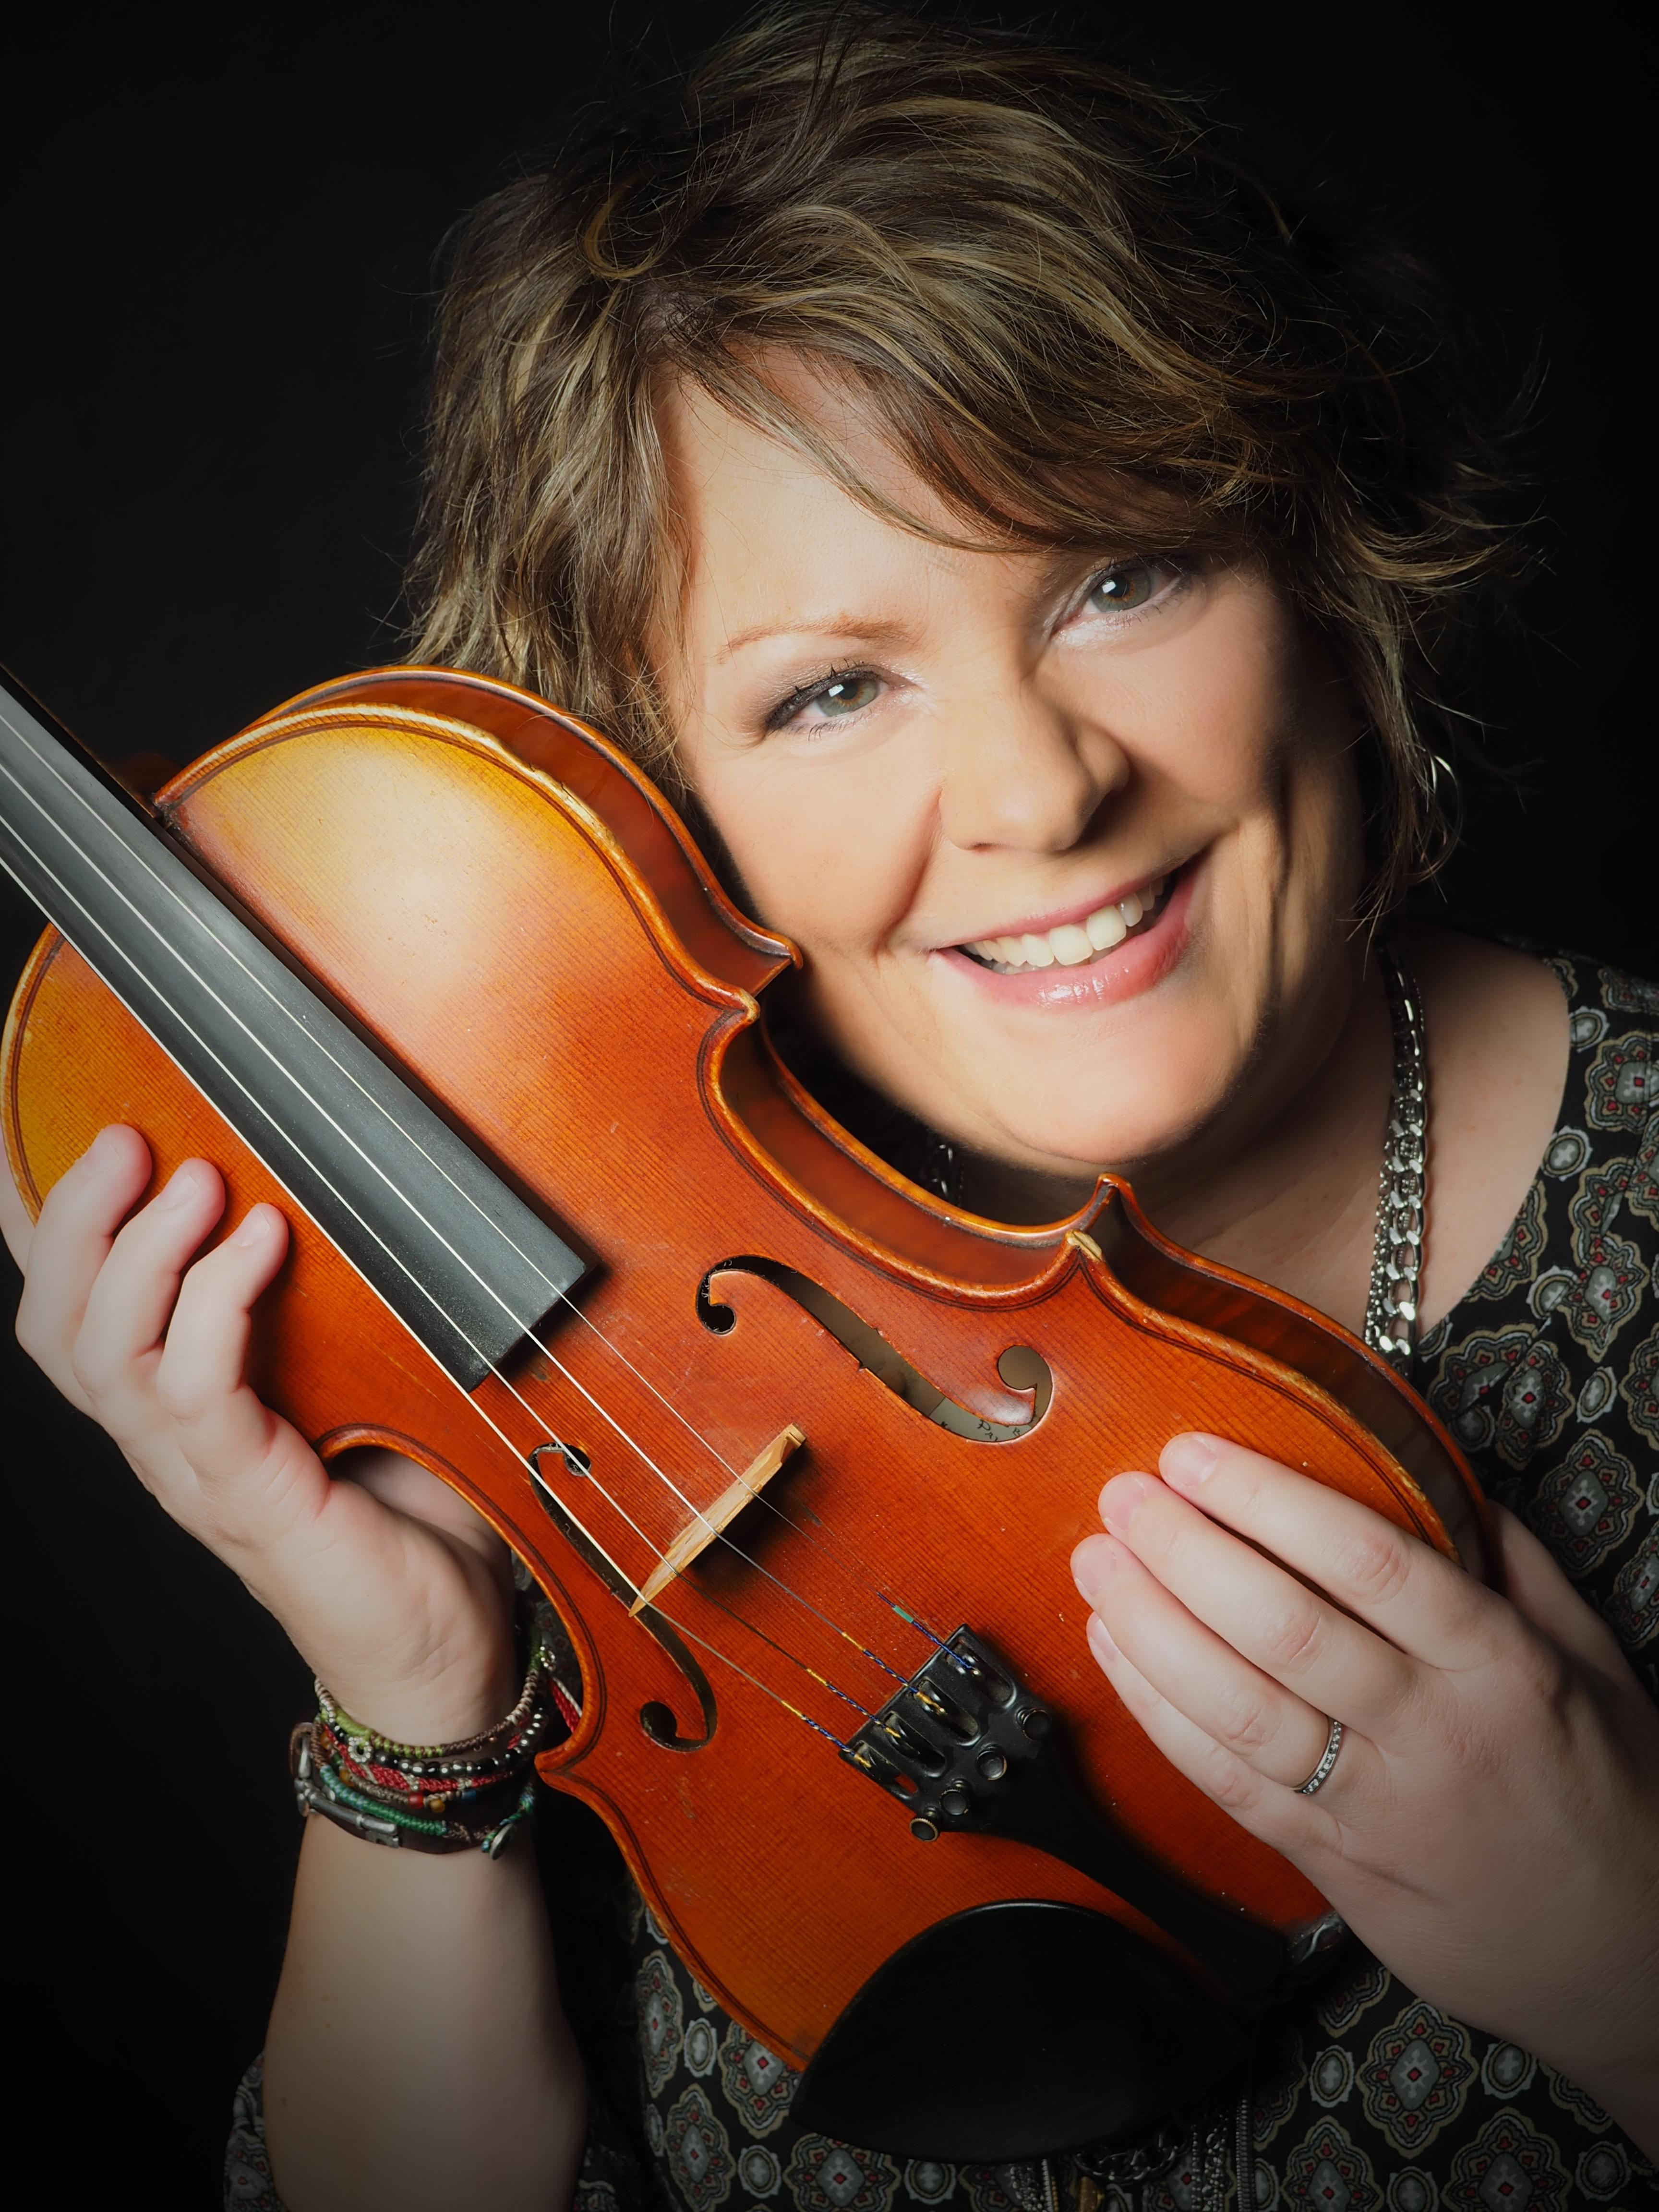 Eileen Ivers Fiddle 058 Vignette C Joseph Killeen